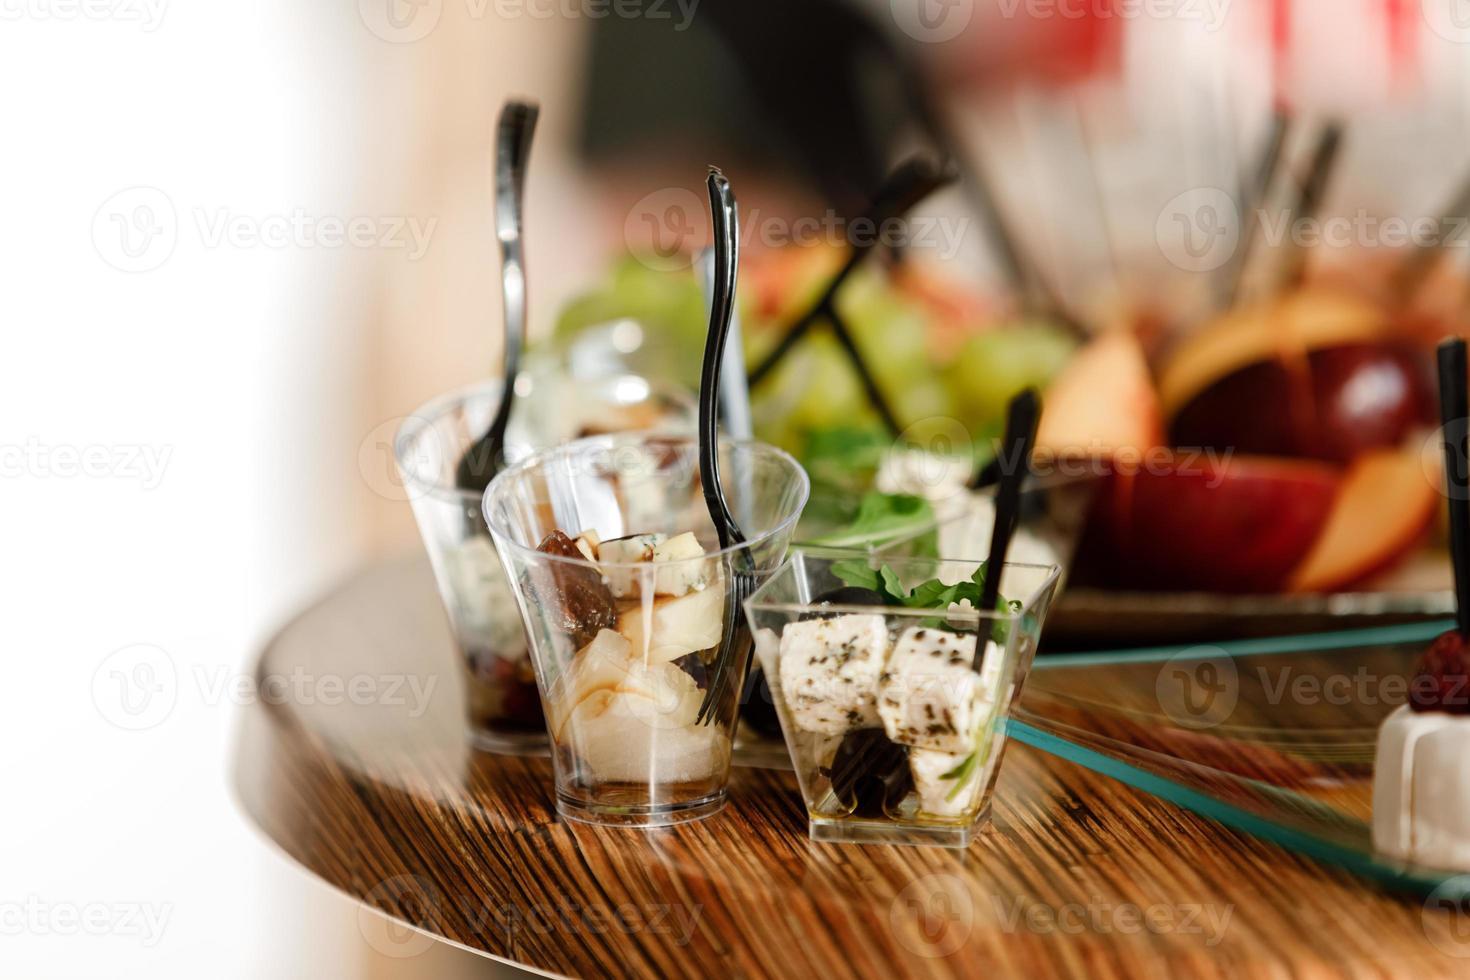 ristorazione. cibo per feste, feste aziendali, conferenze, forum, banchetti. diversi tipi di formaggi costosi con lamponi, olive. messa a fuoco selettiva foto